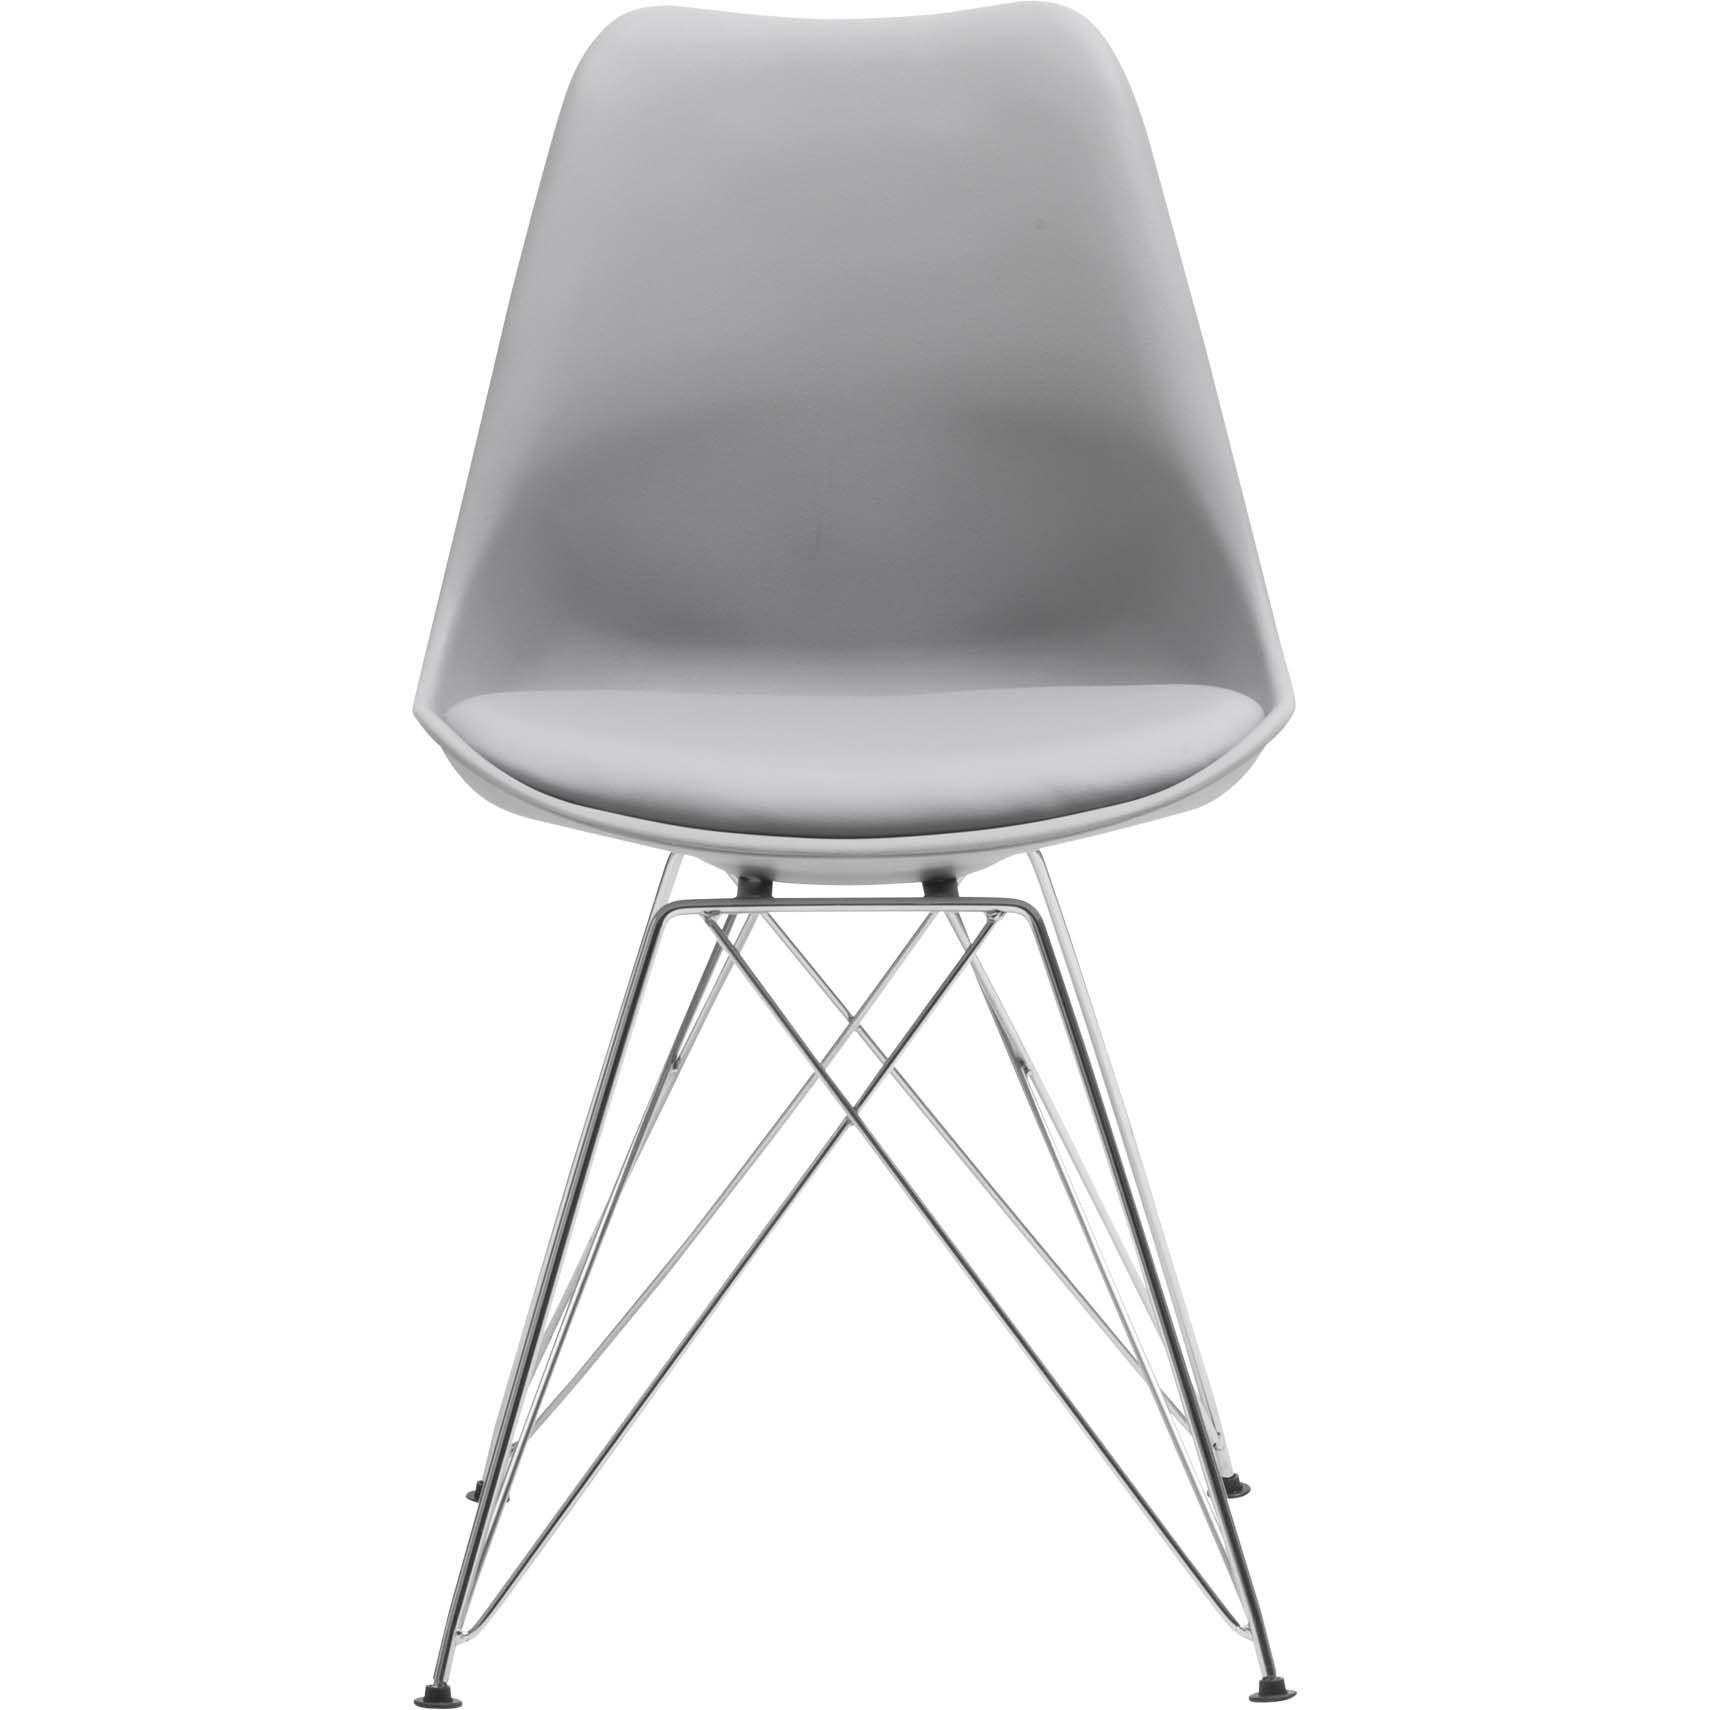 Aros Spisestol aros spisestol | this chair zenia | pinterest | chair